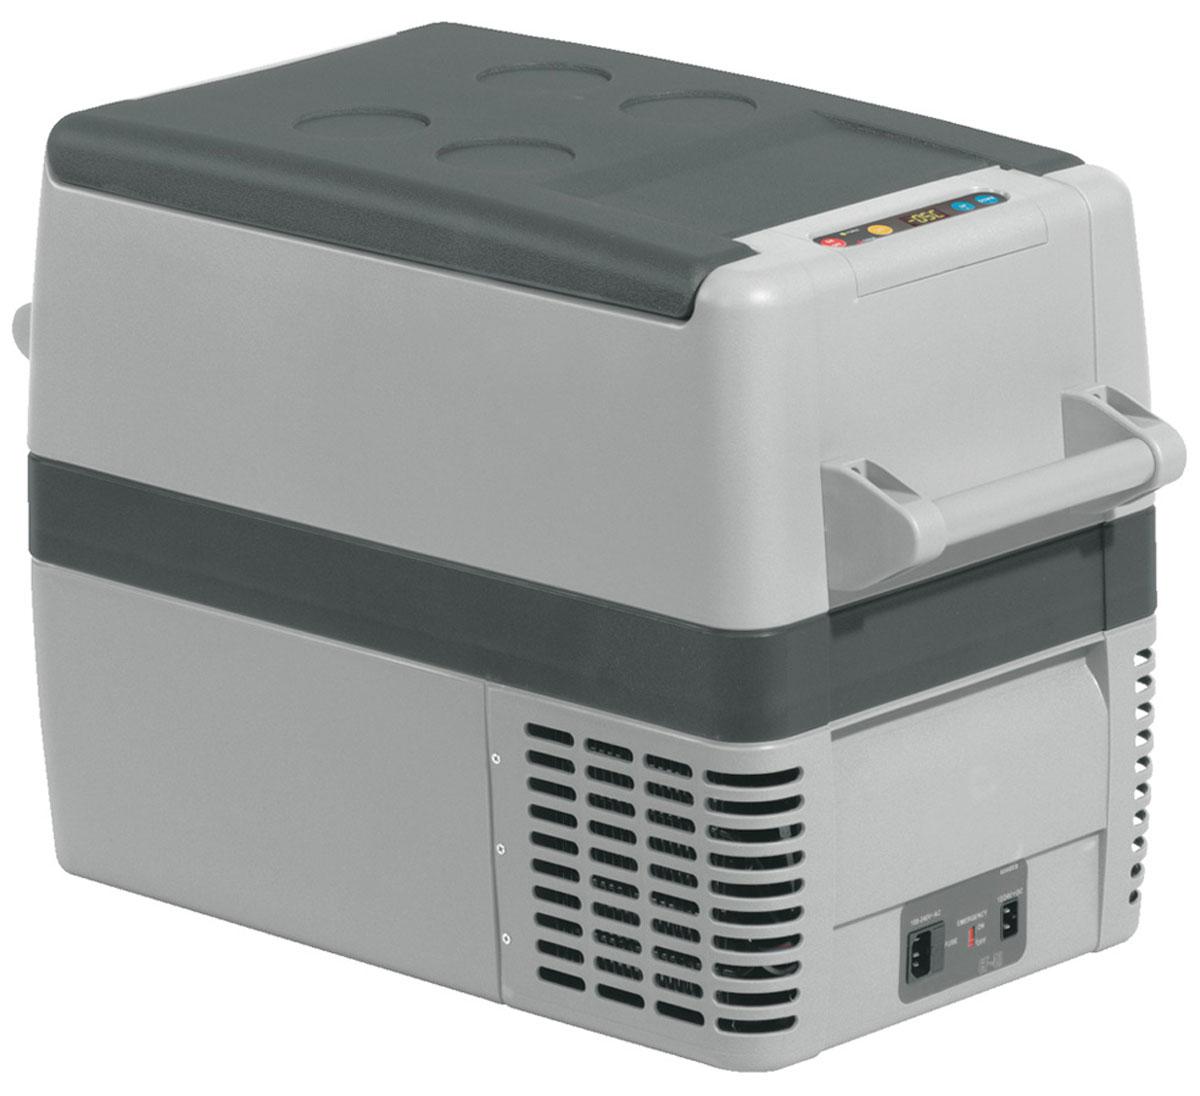 Waeco CoolFreeze CF-40 АС автохолодильник компрессорный 37 лV30 AC DCАвтомобильный компрессорный холодильник Waeco CoolFreeze CF-40 АС предназначен для эксплуатации на отдыхе, в походах или путешествиях. Он оснащен уникальным маленьким герметичным компрессором переменного тока. Производителем также предусмотрена специальная защитная система от перепадов напряжения.Автомобильные холодильники от компании Waeco эффективно работают в любое время года, практичны и удобны в эксплуатации, а также отличаются прочностью и долговечностью.Быстрое охлаждение3-х ступенчатое защитное релеВнутреннее освещениеСъемная крышкаОхлаждение: от +10 до -18°СВынимающаяся корзина